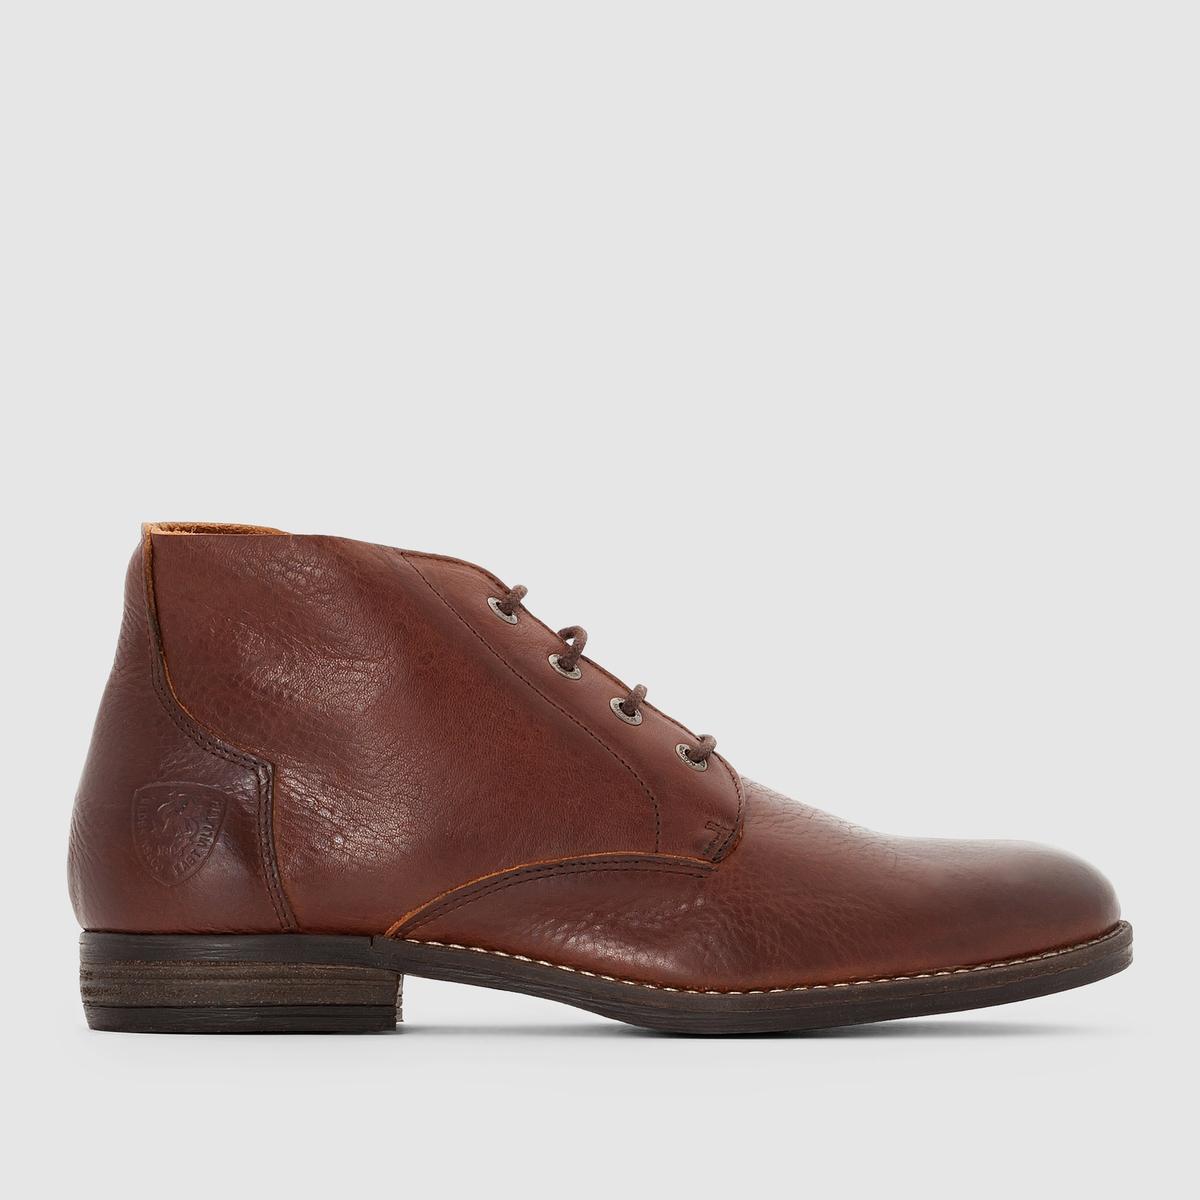 Ботильоны TALSIВерх/Голенище : Яловичная кожа          Подкладка : без подкладки  Стелька : Кожа     Подошва : каучук.     Форма каблука : Плоский каблук     Носок : Закругленный.      Застежка : шнуровка.<br><br>Цвет: коньячный<br>Размер: 45.44